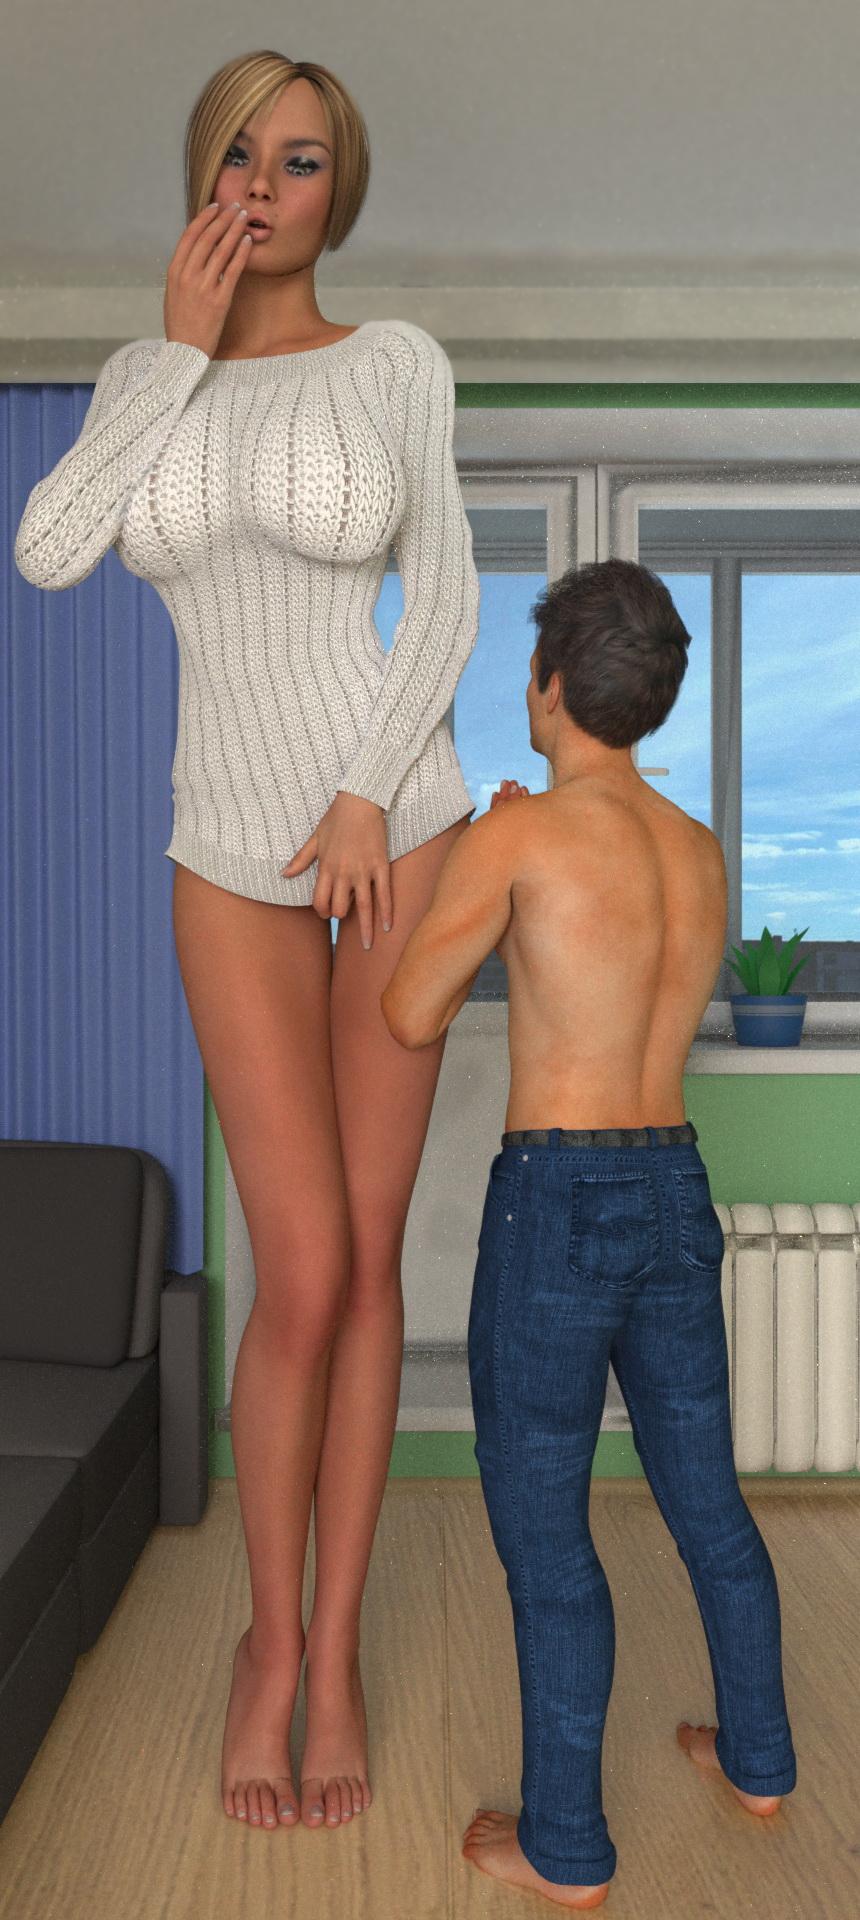 Amazon woman midget sexy scenes